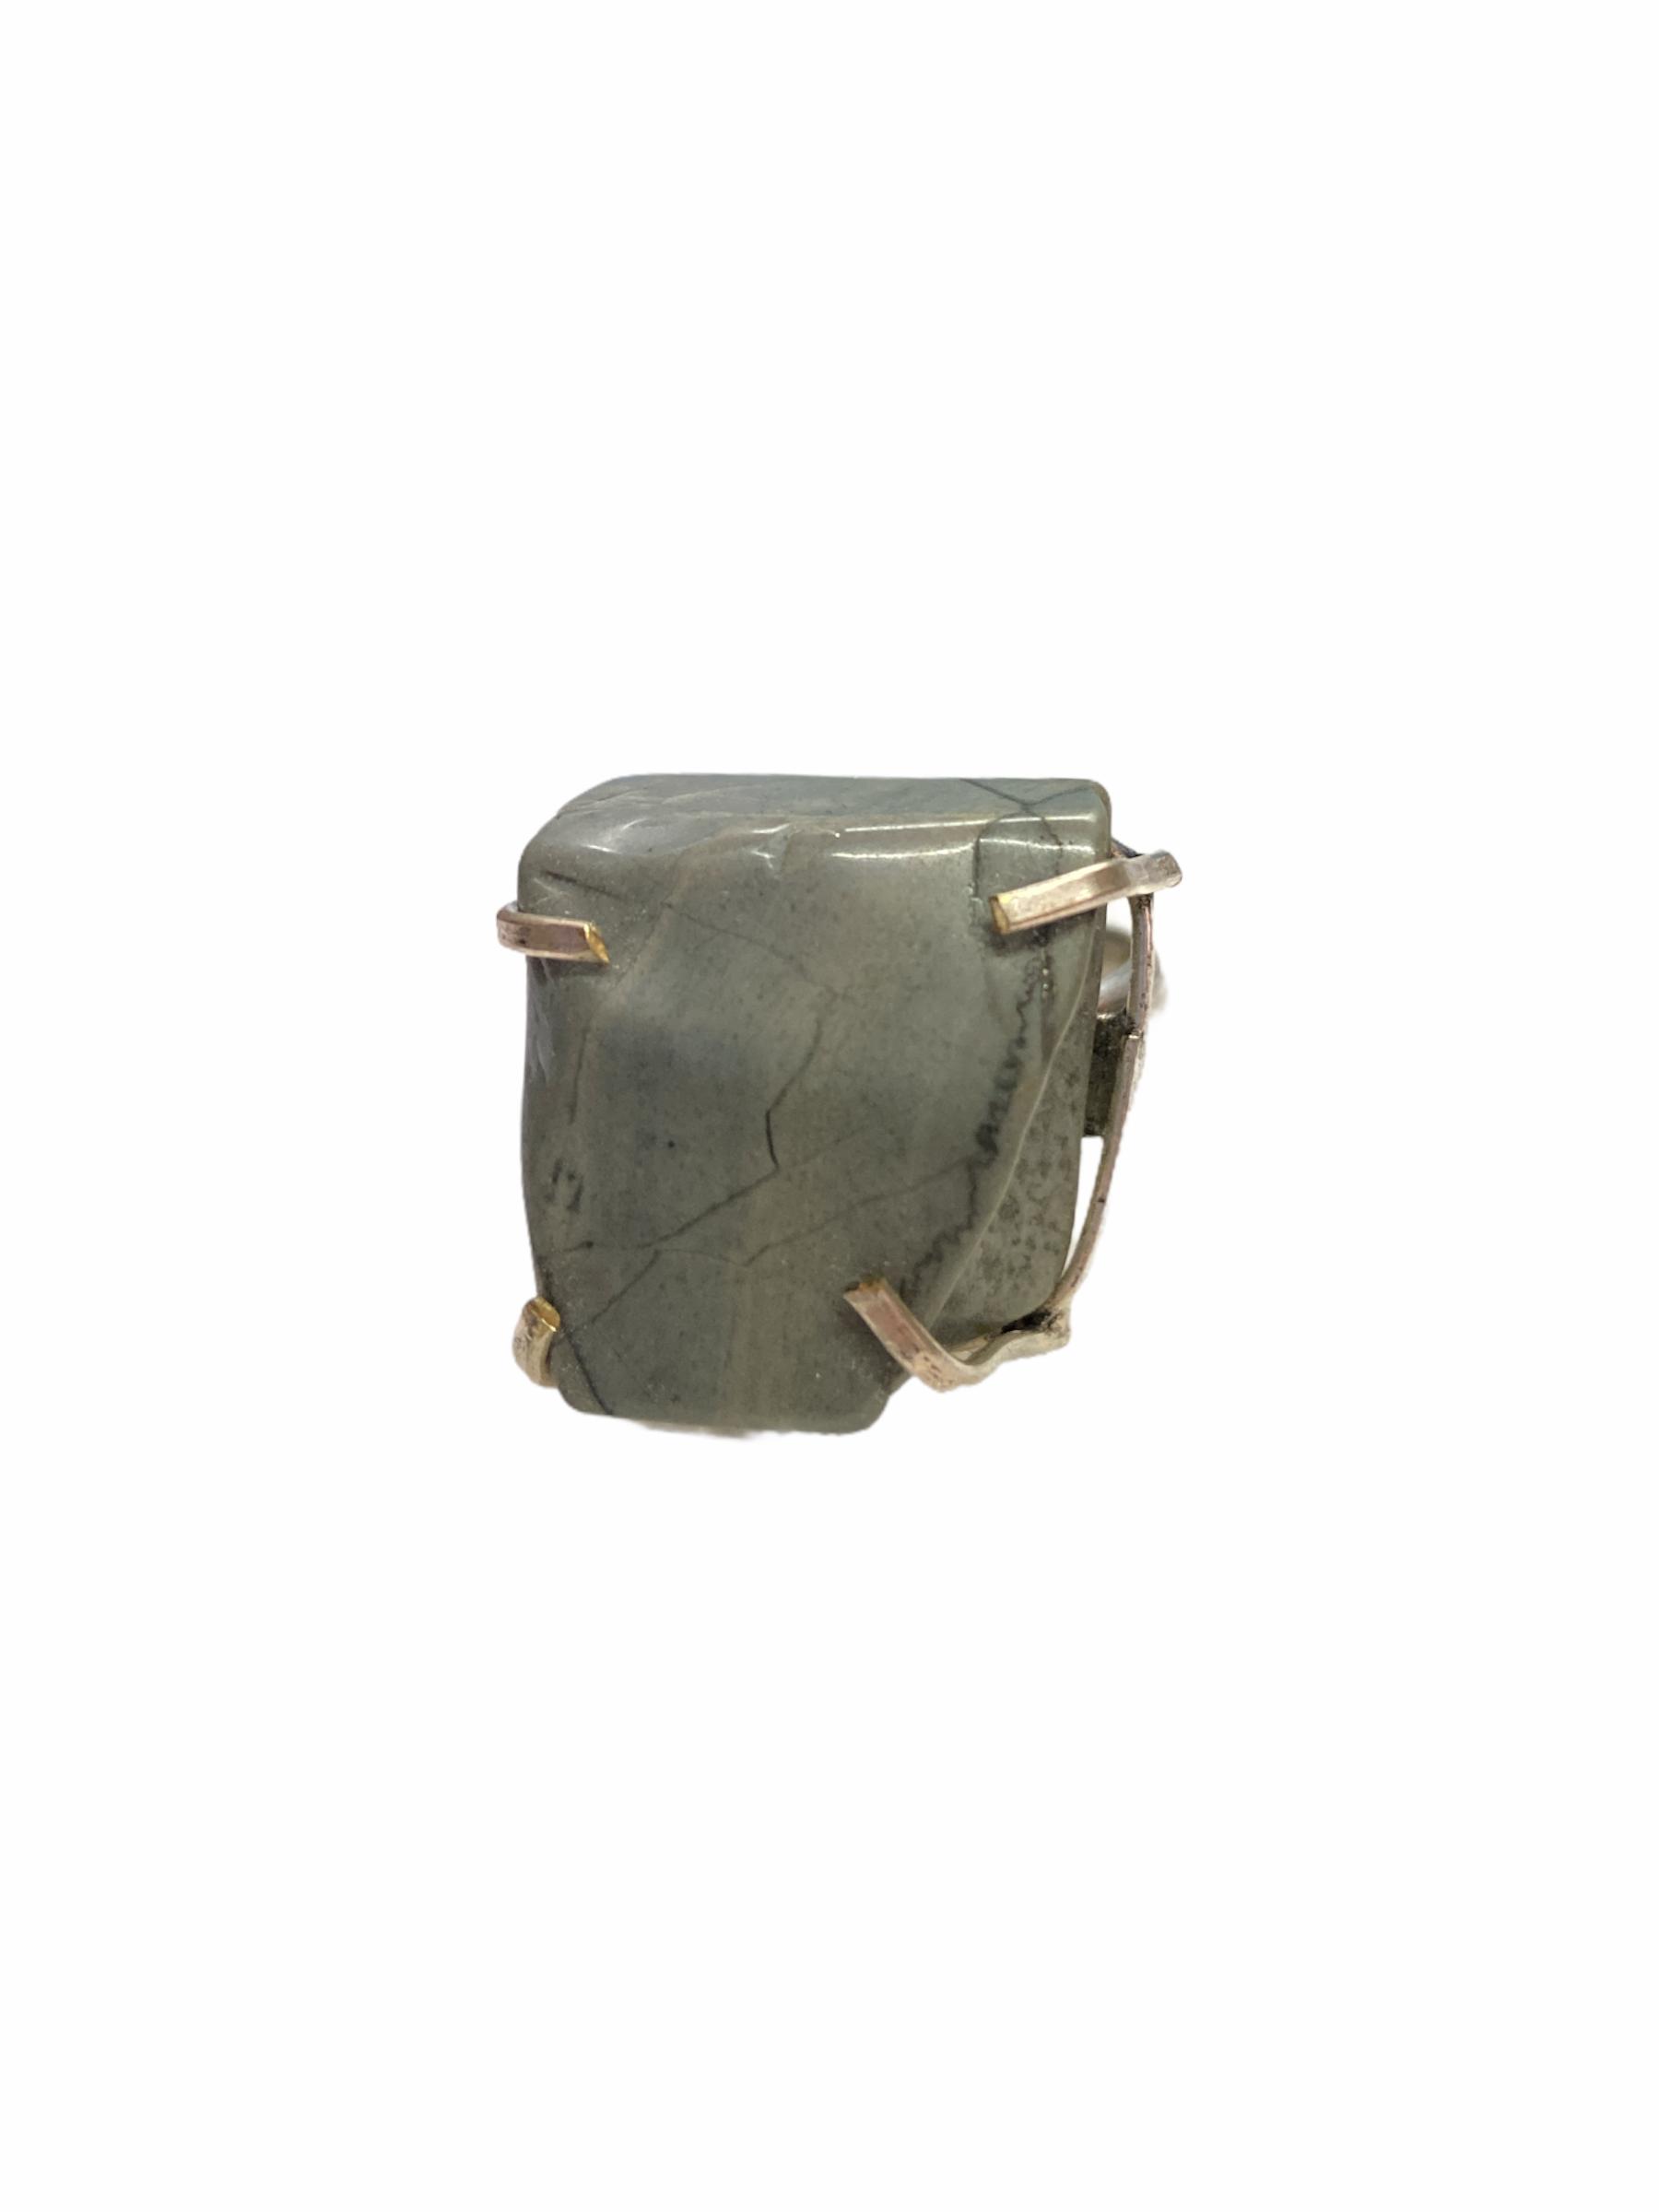 Δαχτυλίδι Χειροποίητο Με Ακατέργαστο Ίασπι Σε Χρώμα Ασημί